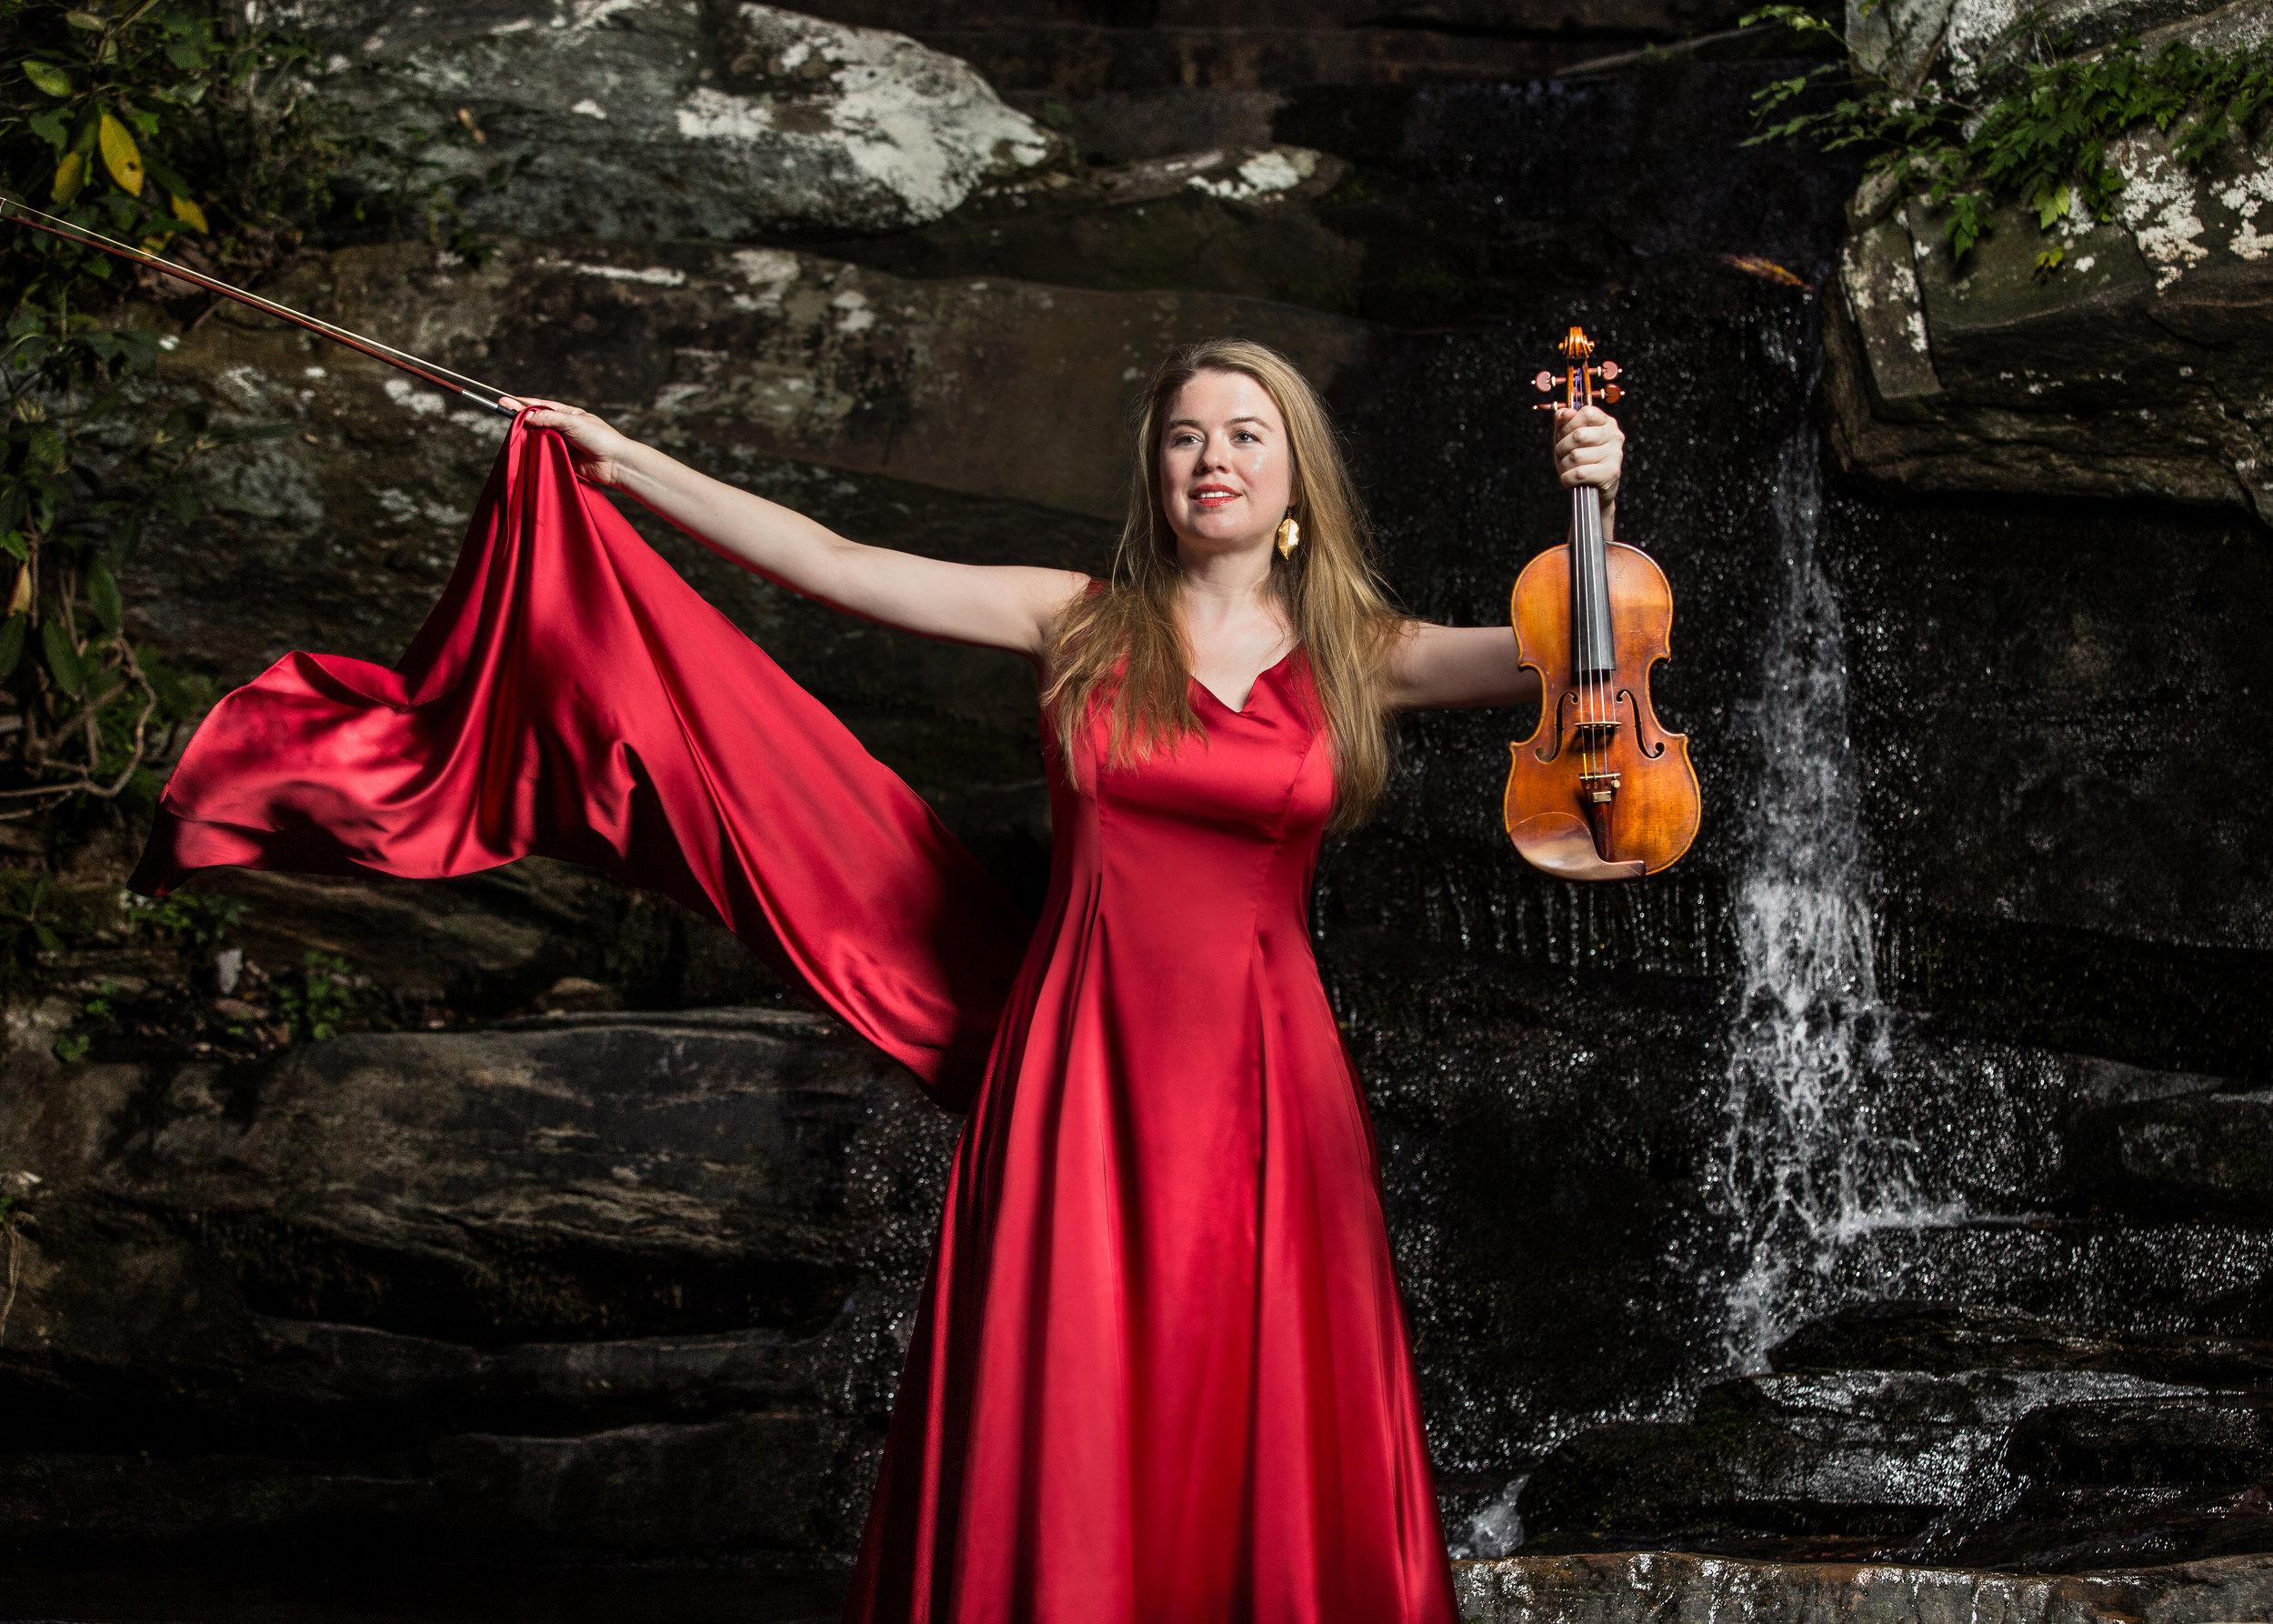 red dress waterfall please credit James Farley.jpg